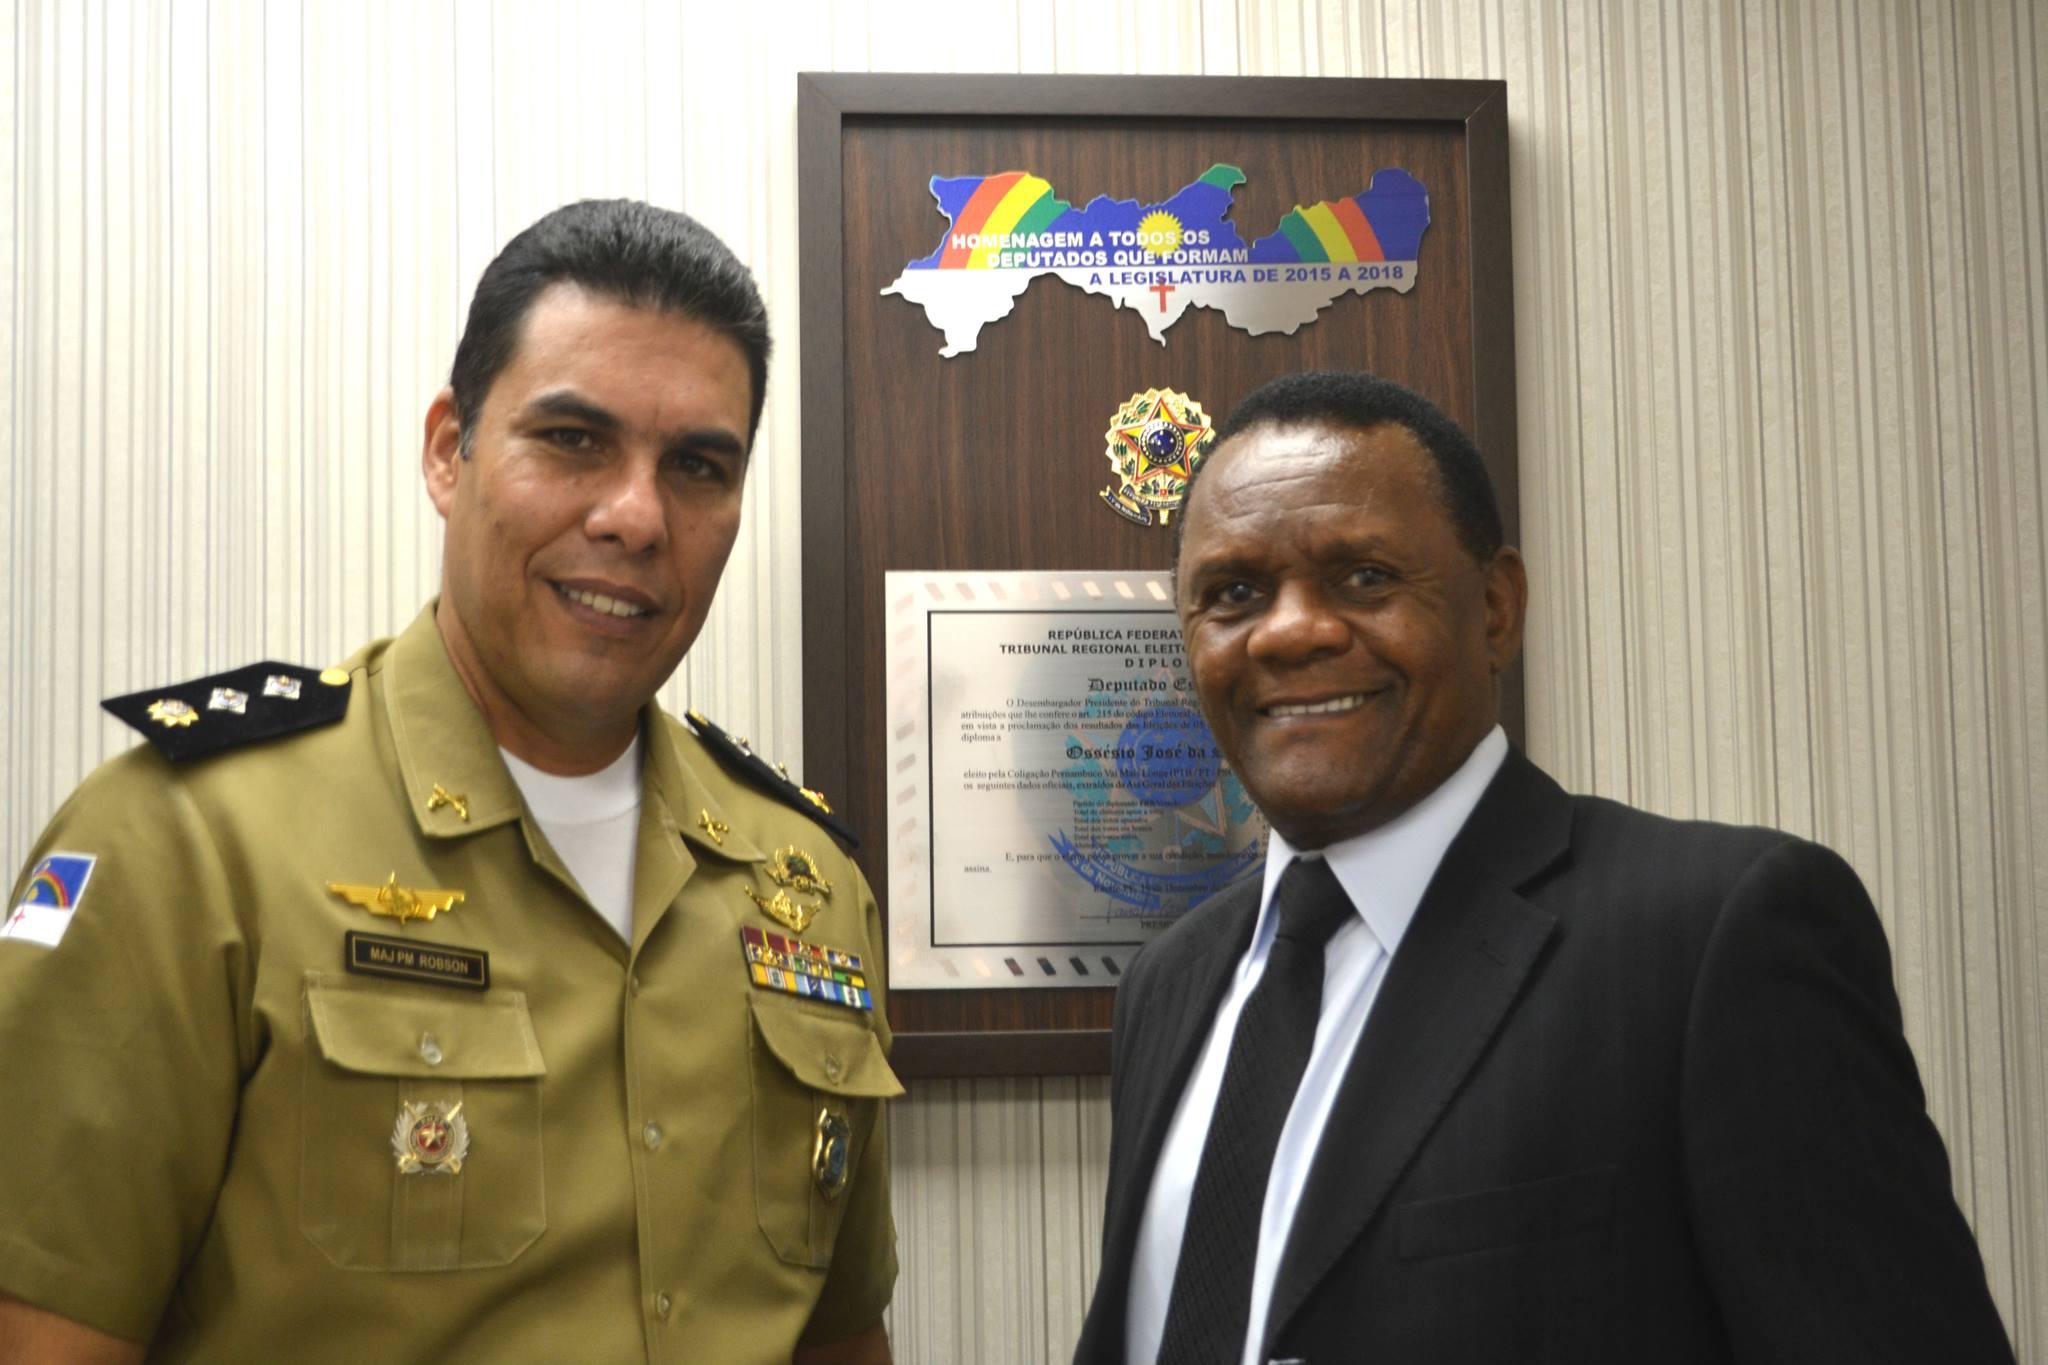 Deputado Ossesio recebe major Robson Cordeiro